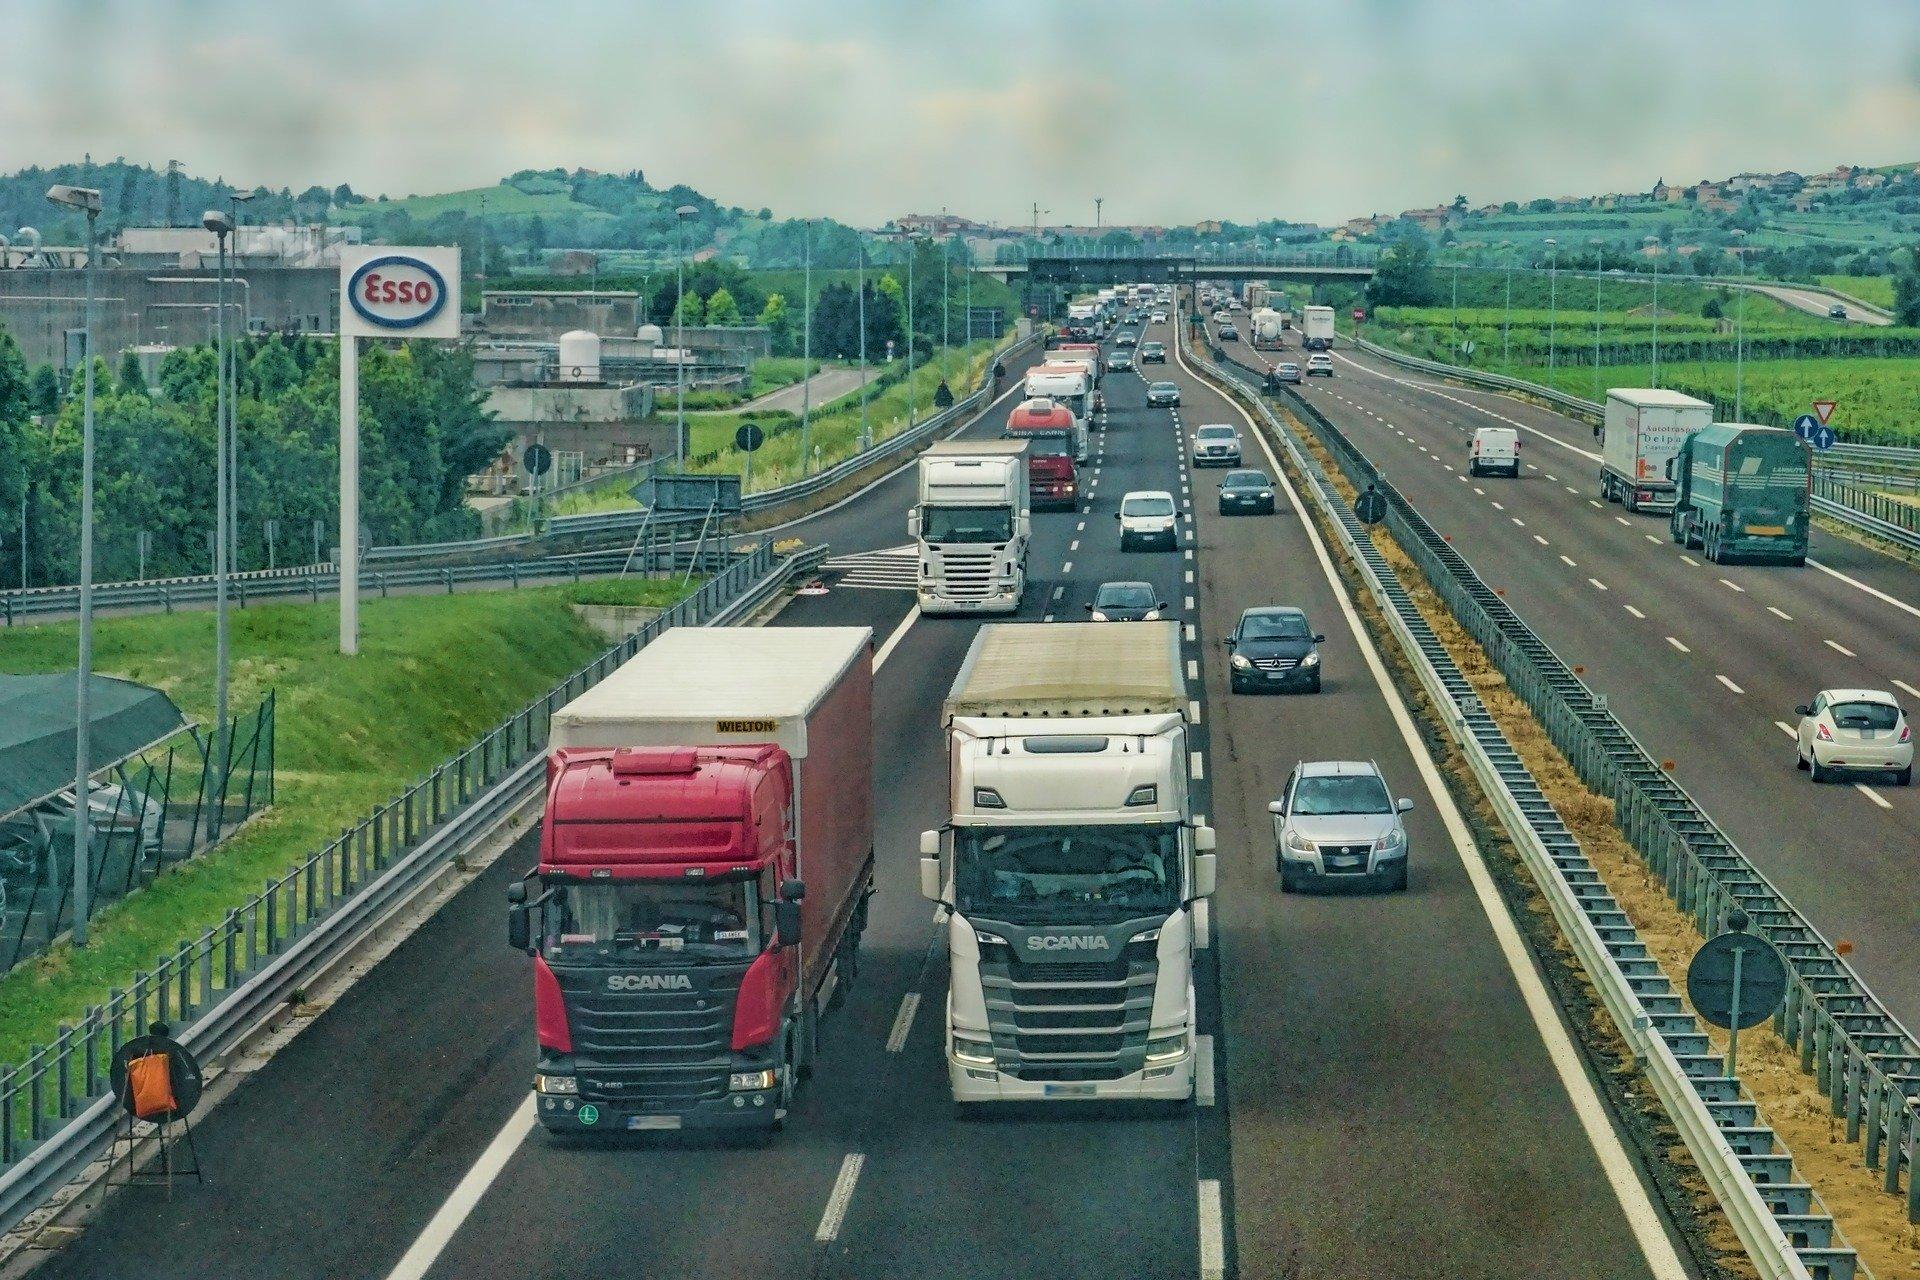 Väg med flera körfiler och med många bilar och lastbilar.